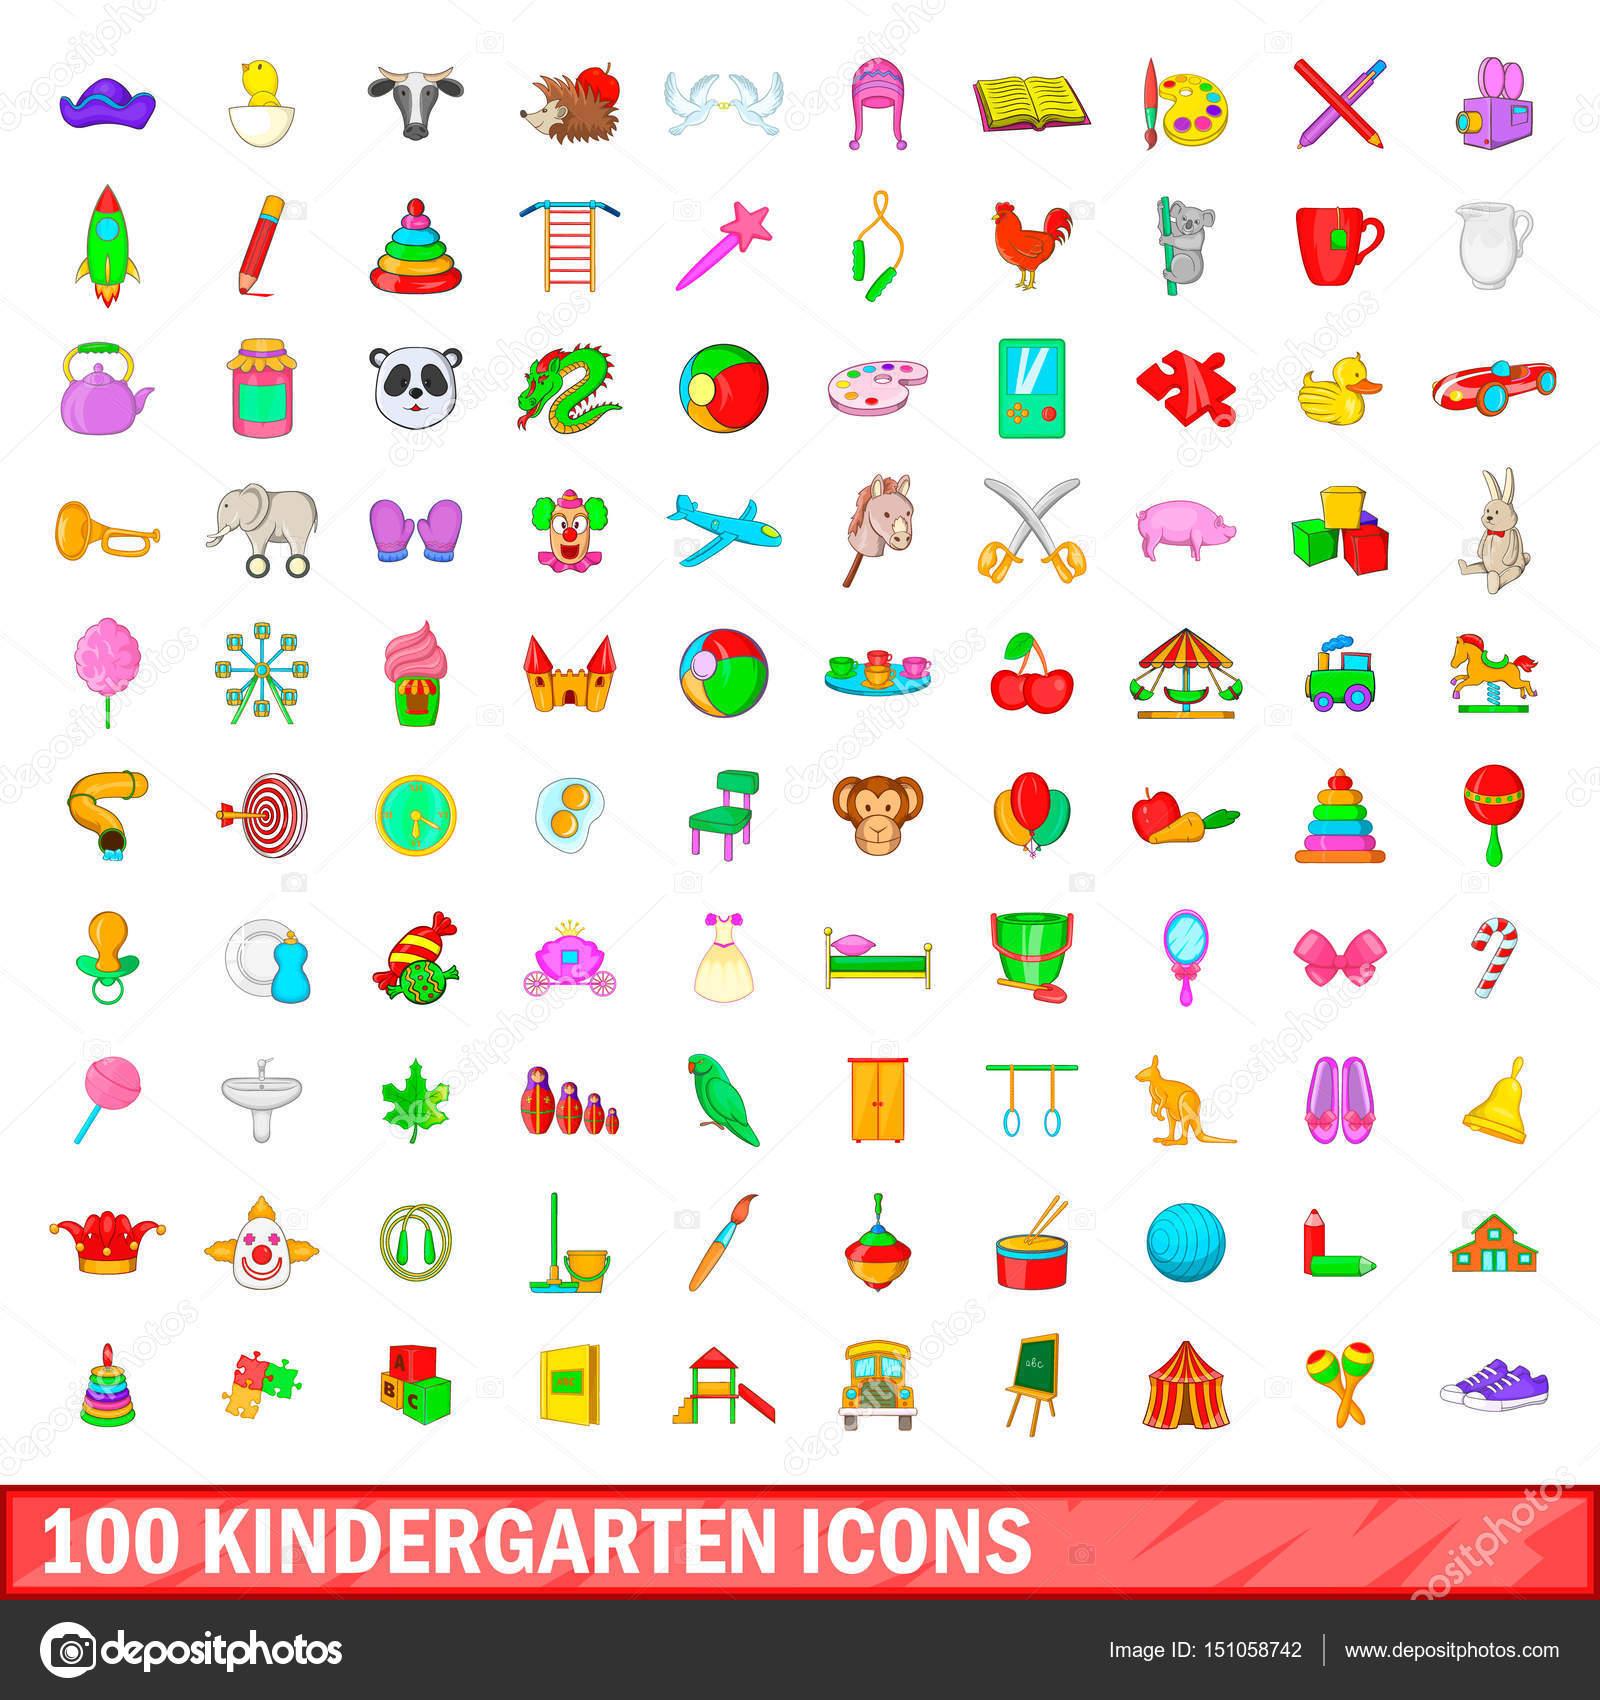 Dibujos La Pubertad Para Colorear 100 Iconos De Kinder